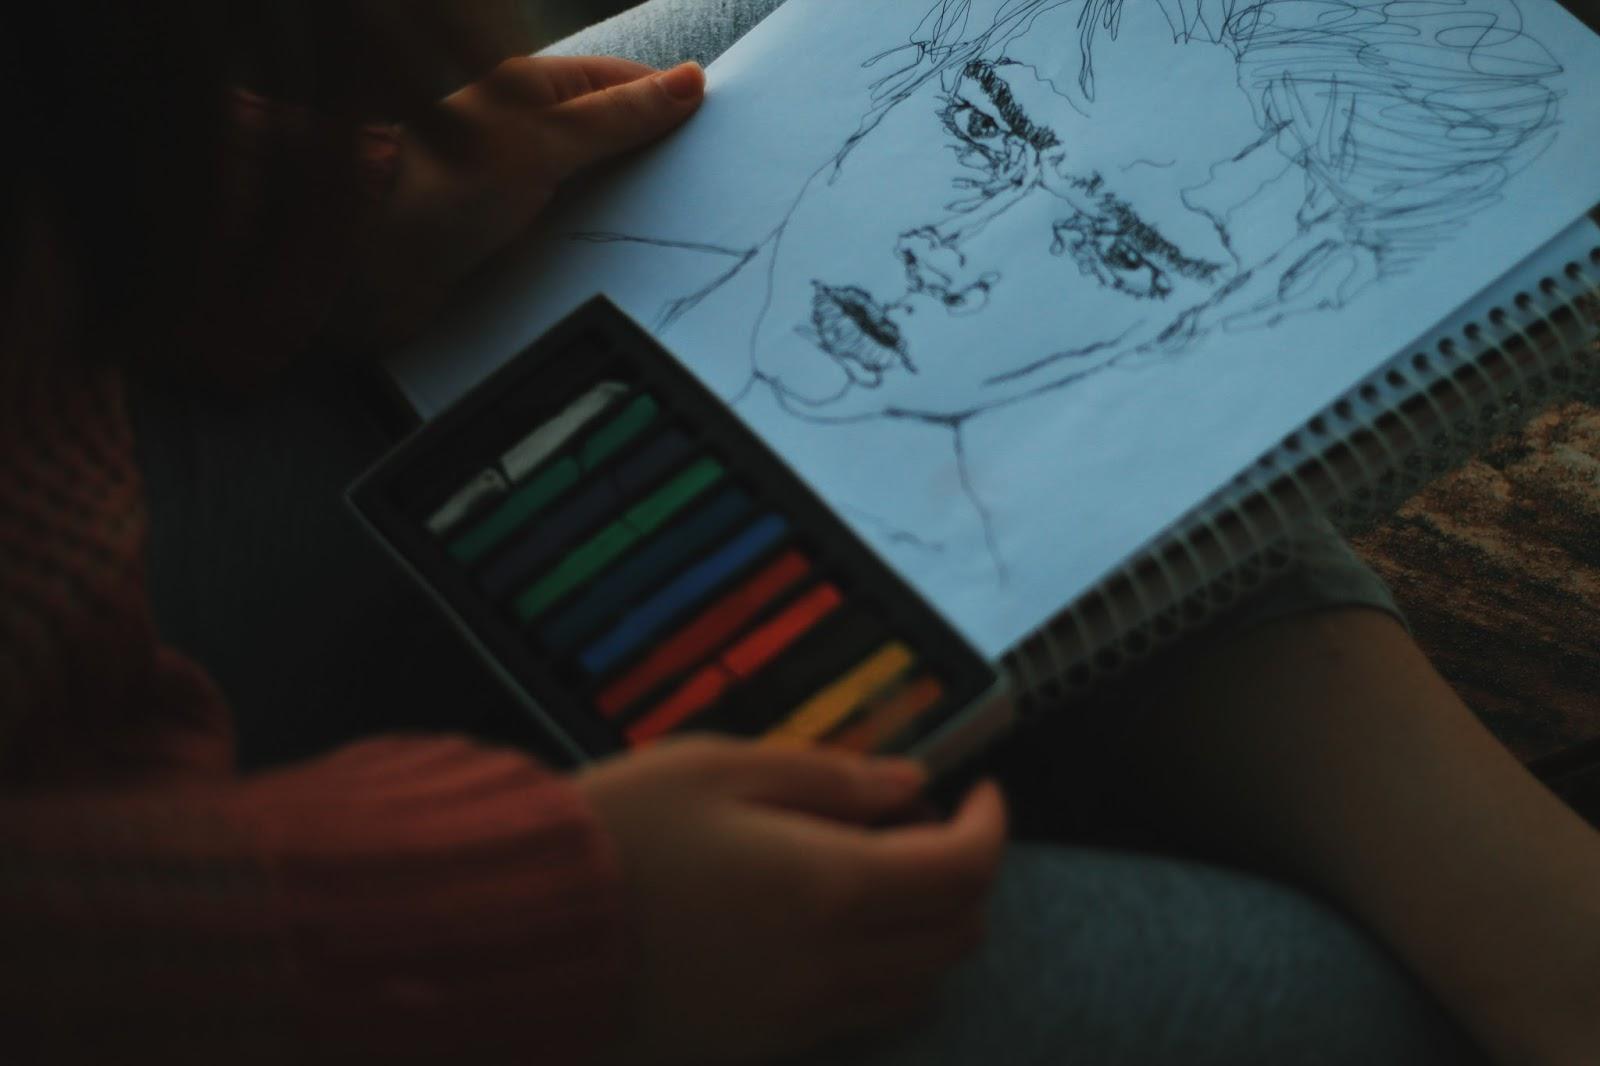 maneiras de ser mais criativo pintando e desenhando